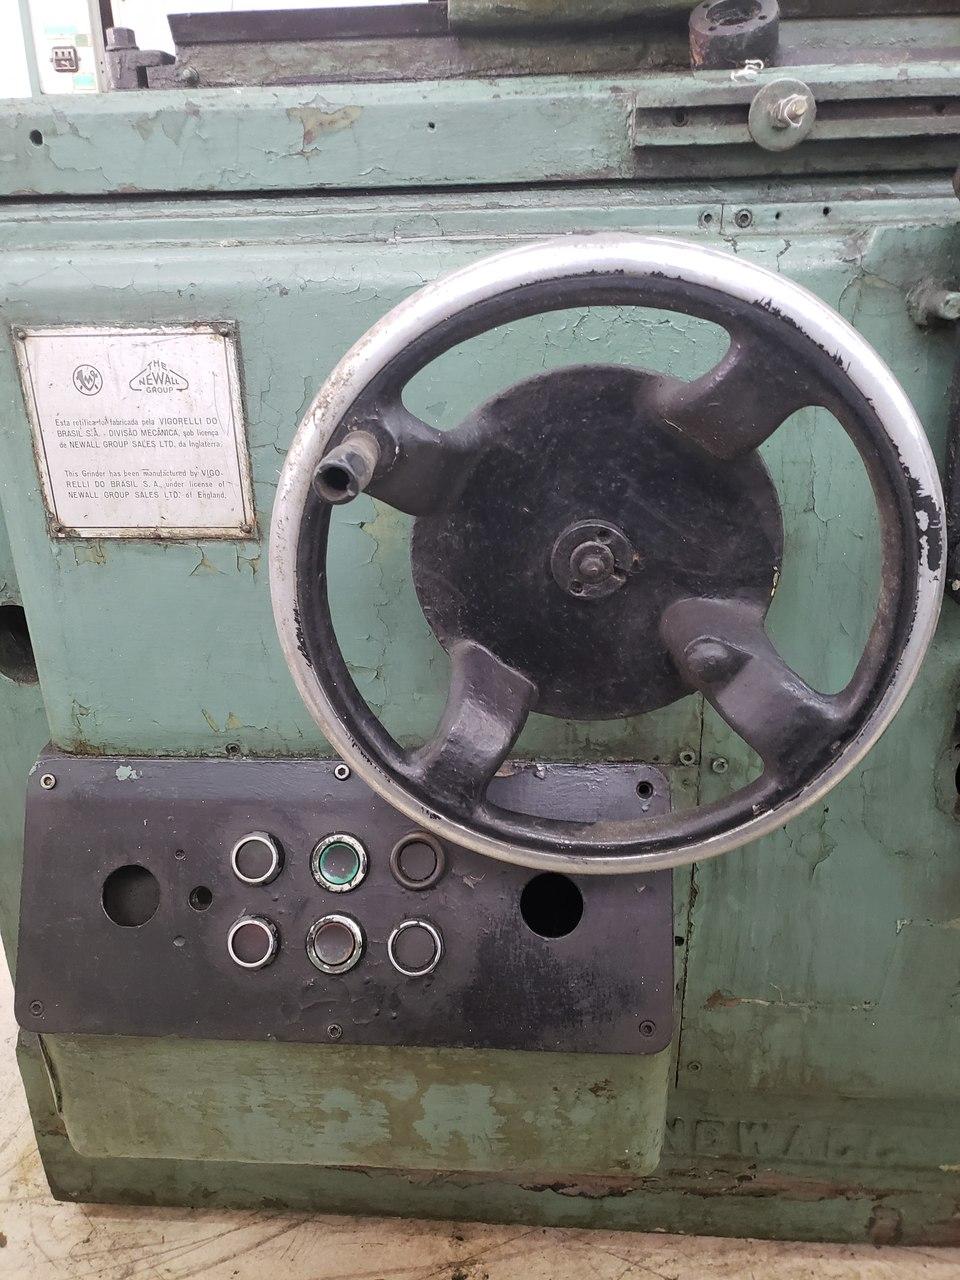 Retifica Cilindrica Vigorelli com entre pontas de 800mm c/ reservatorio - 220V - (Usada)  - Atlasmaq